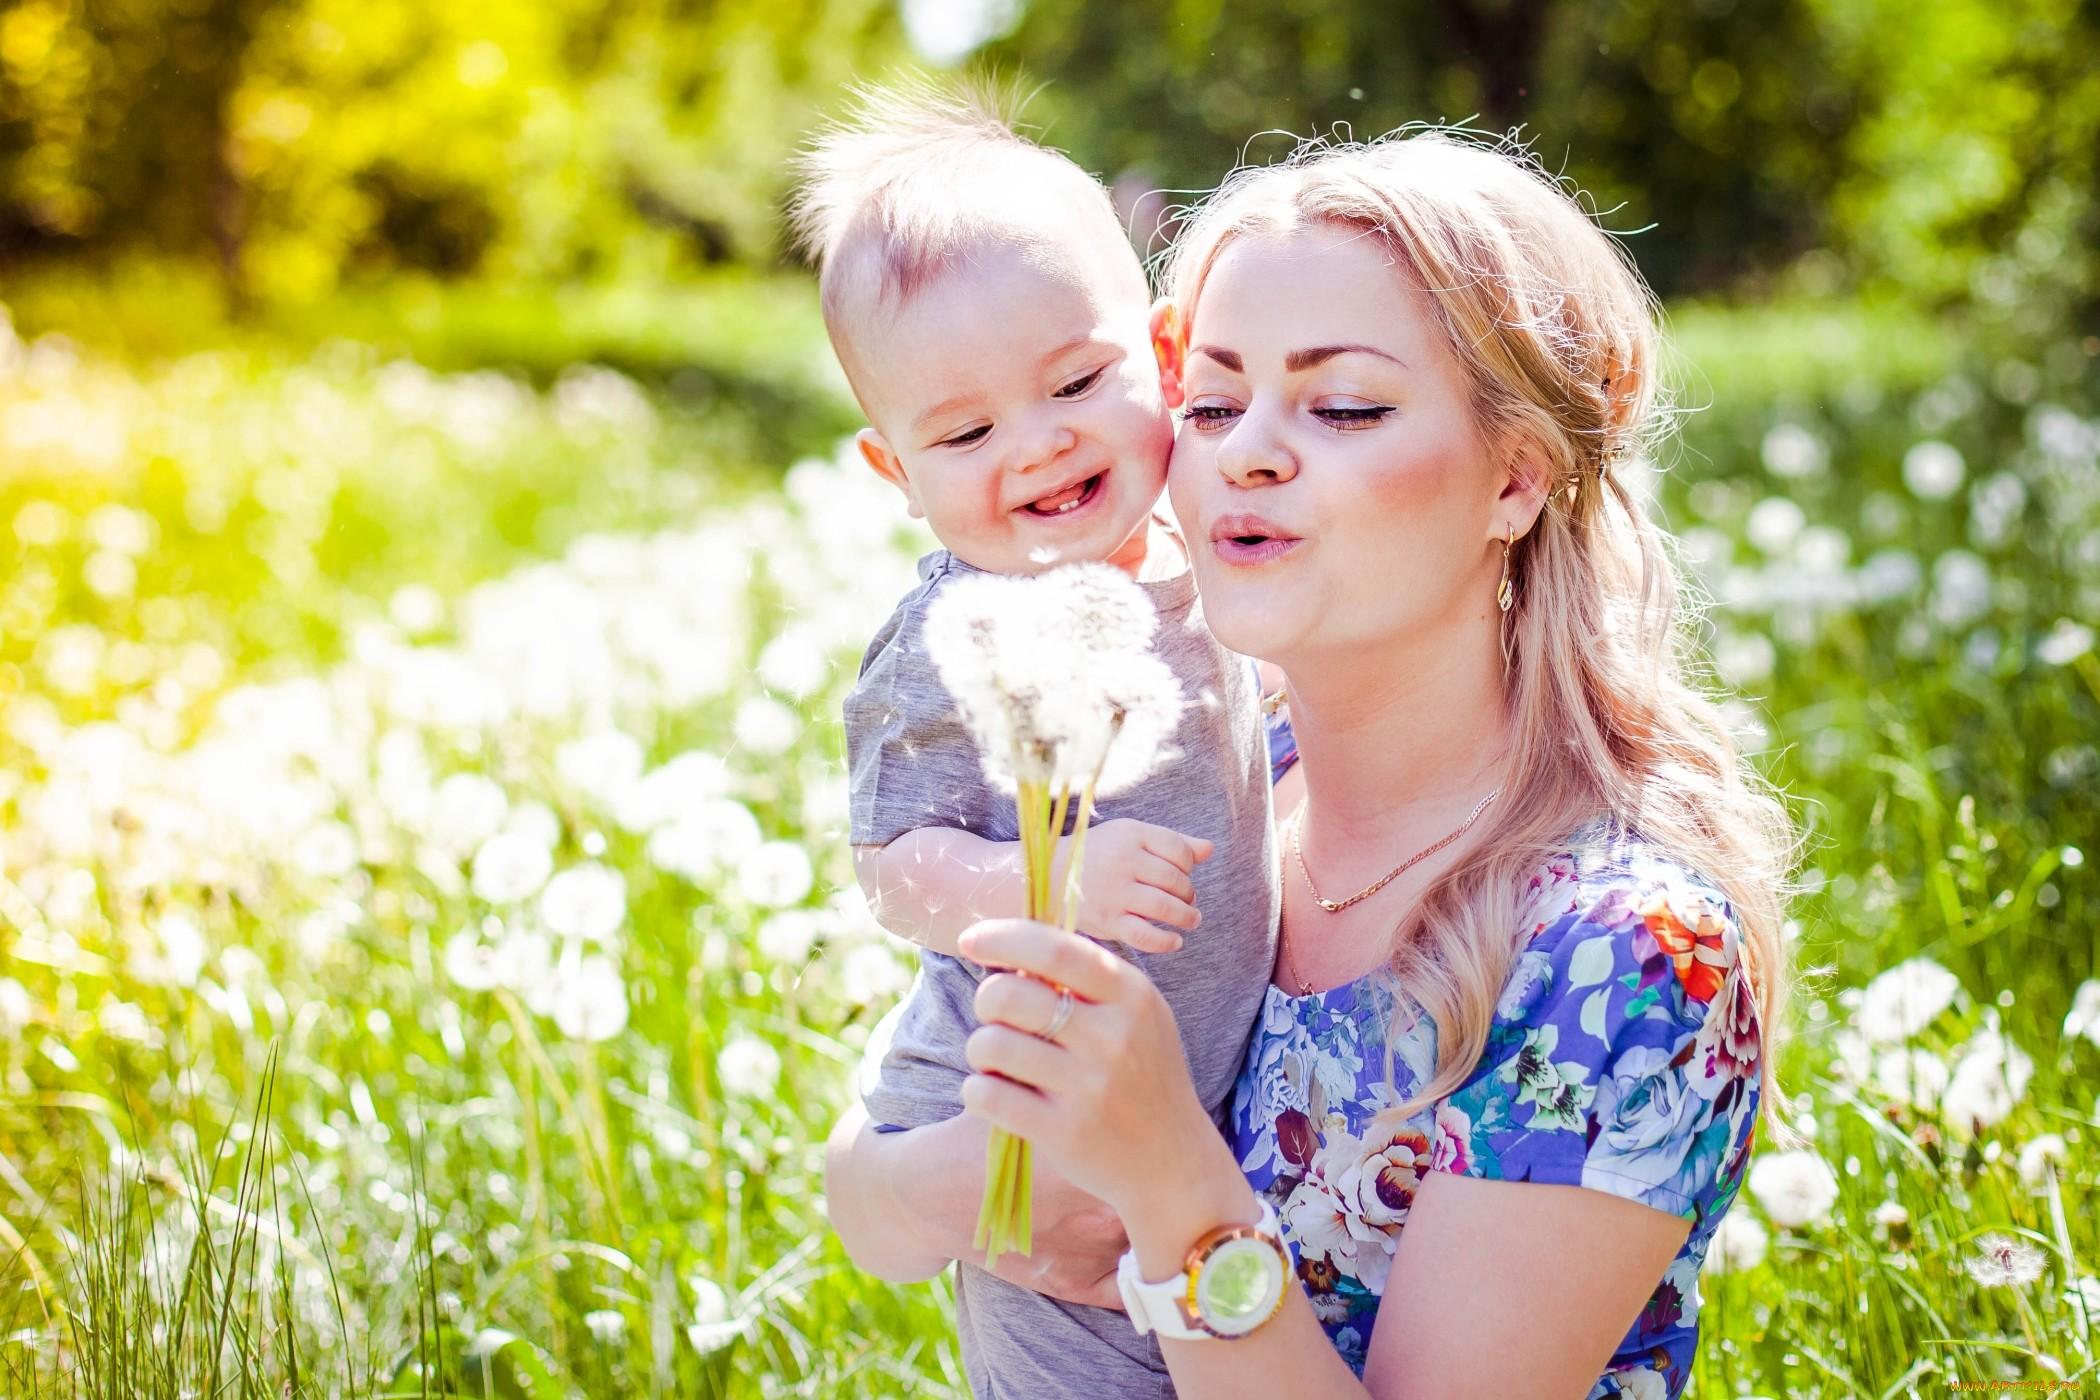 Сын и красивые мамы, Порно видео мамы и сына смотреть онлайн бесплатно 31 фотография